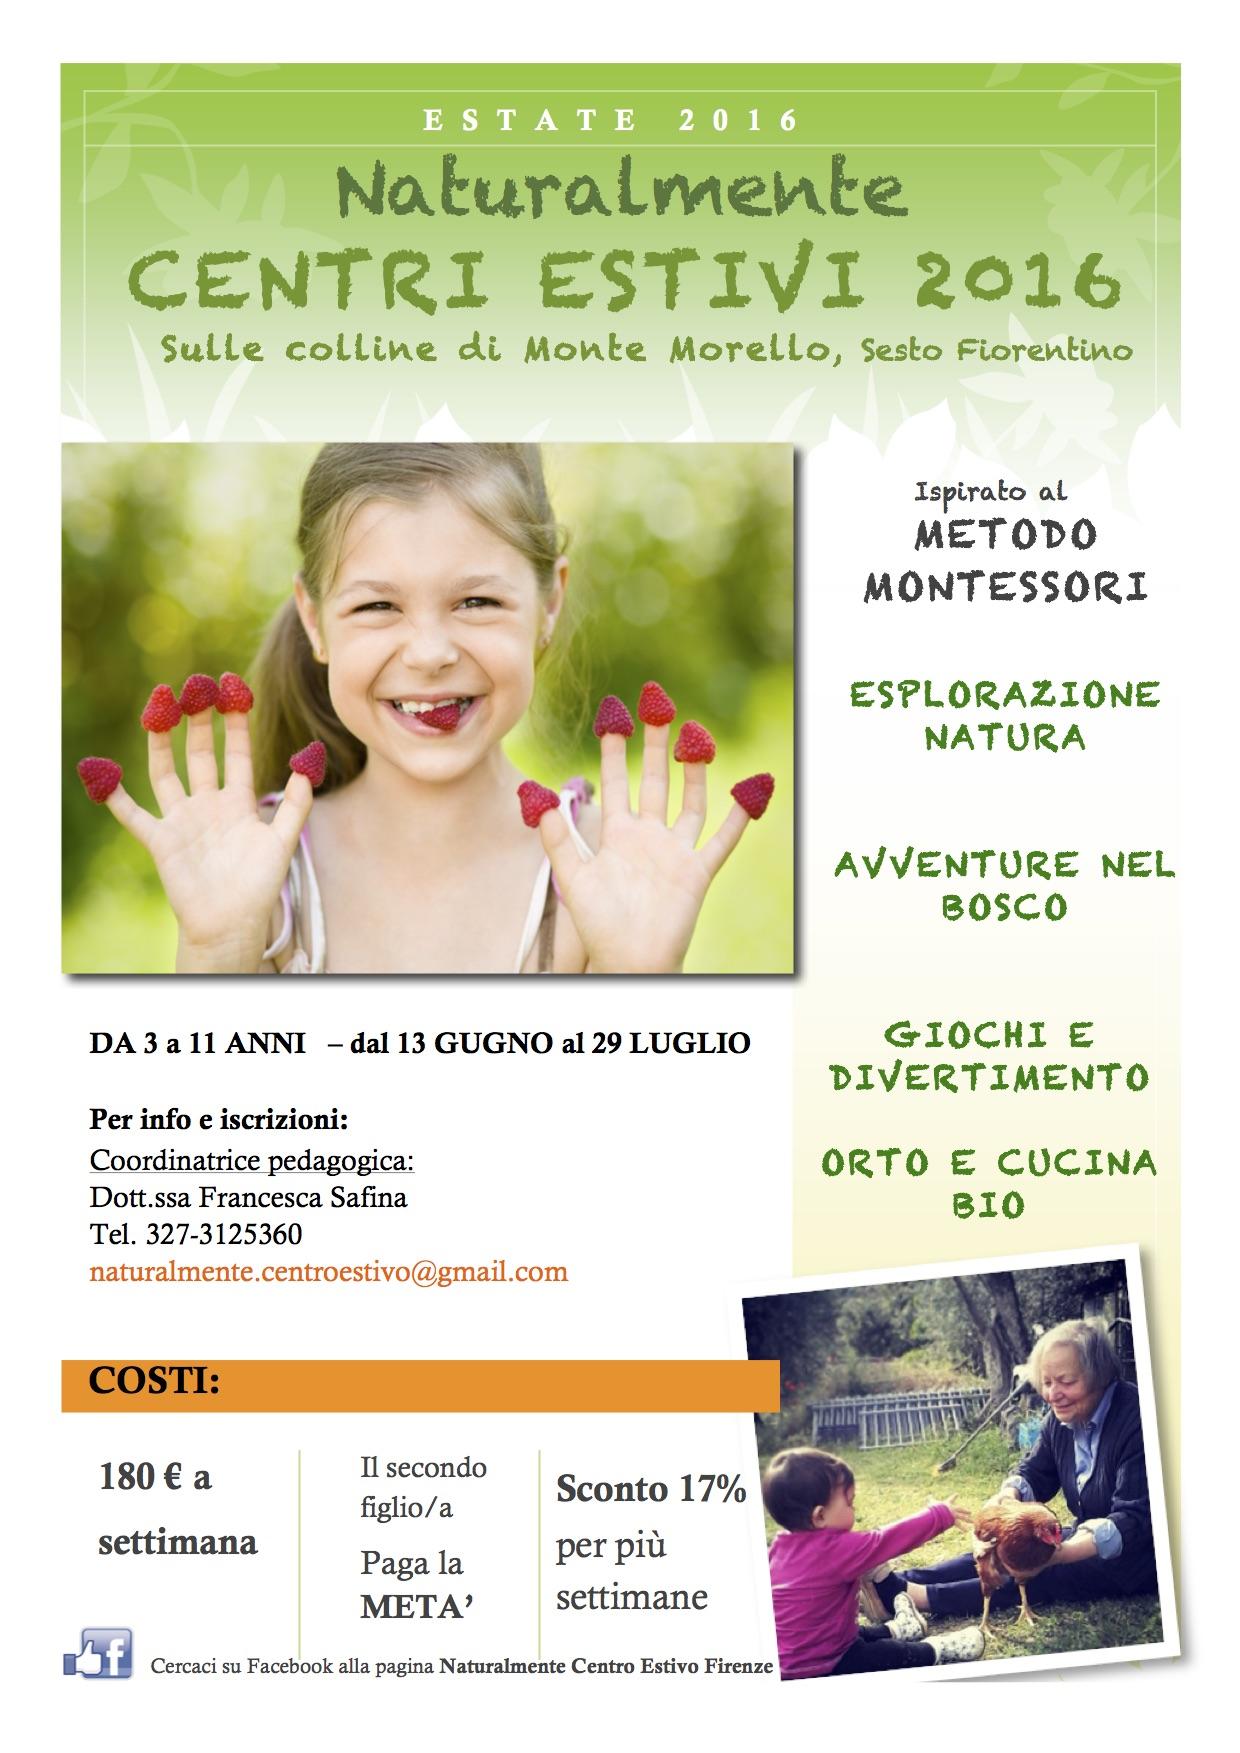 Centri estivi in campagna Firenze ispirati al metodo Montessori